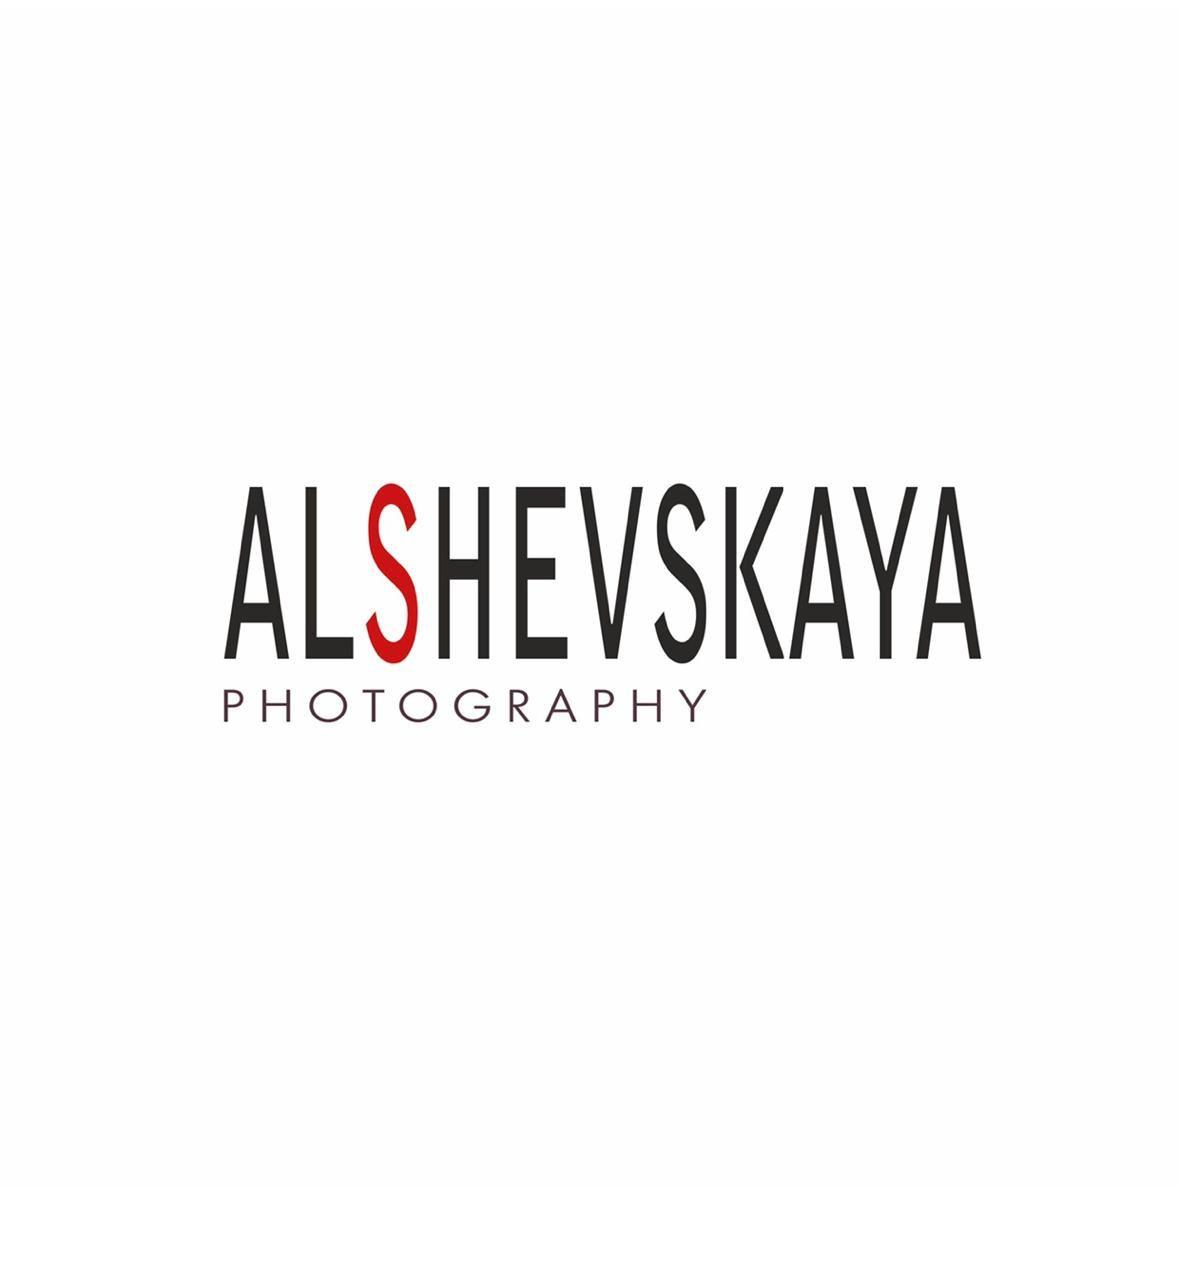 ALSHEVSKAYA